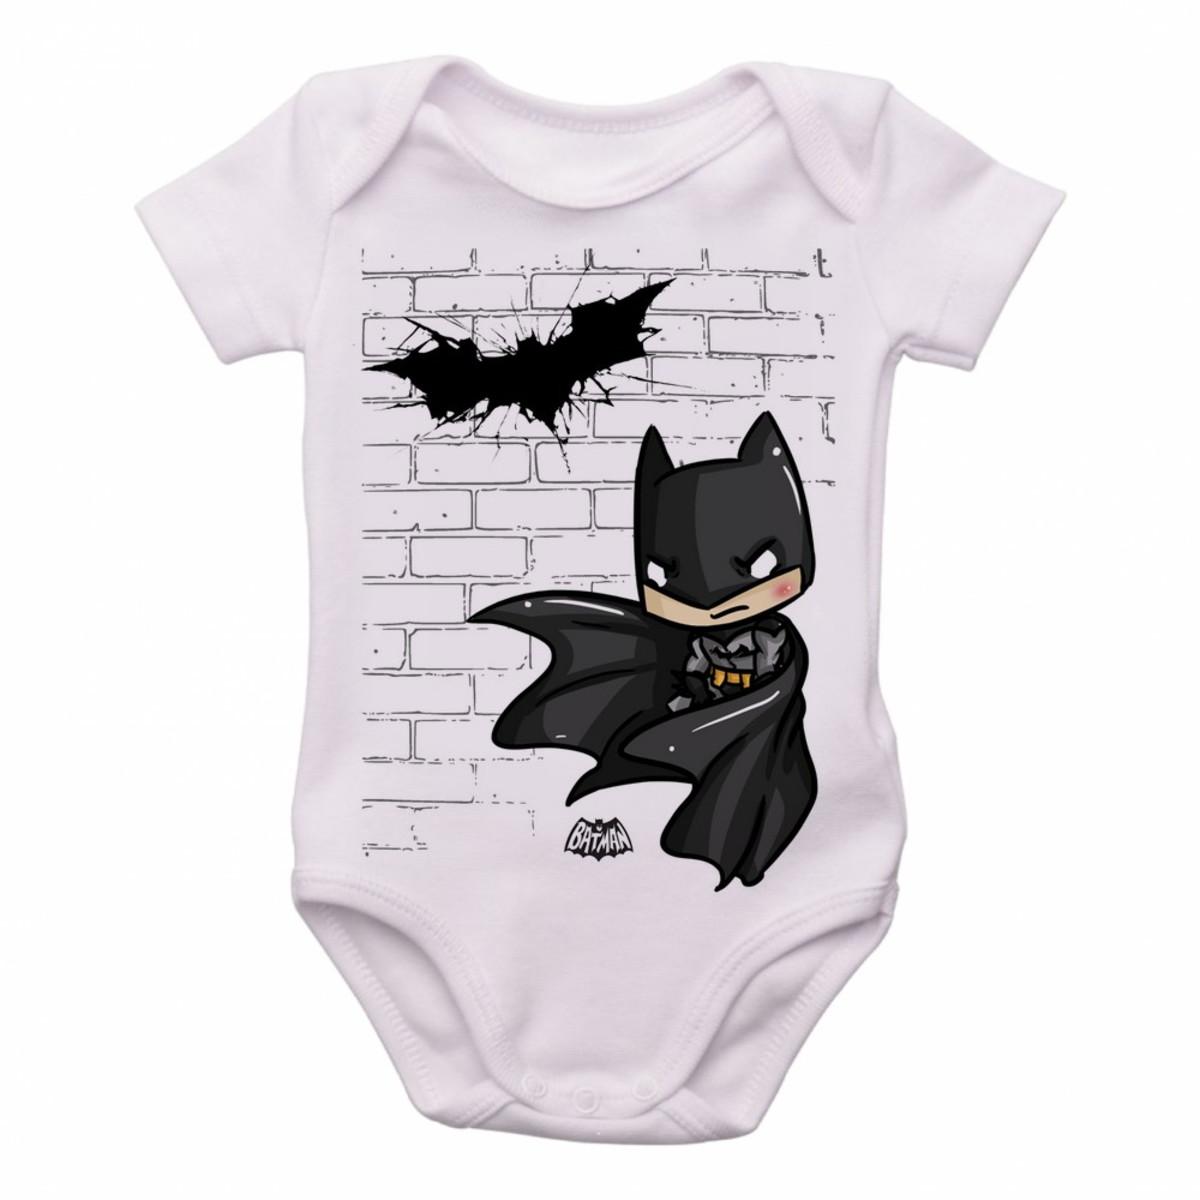 Bodie body Criança Infantil Roupa Bebê Batman morcego no Elo7 ... 7640c000706